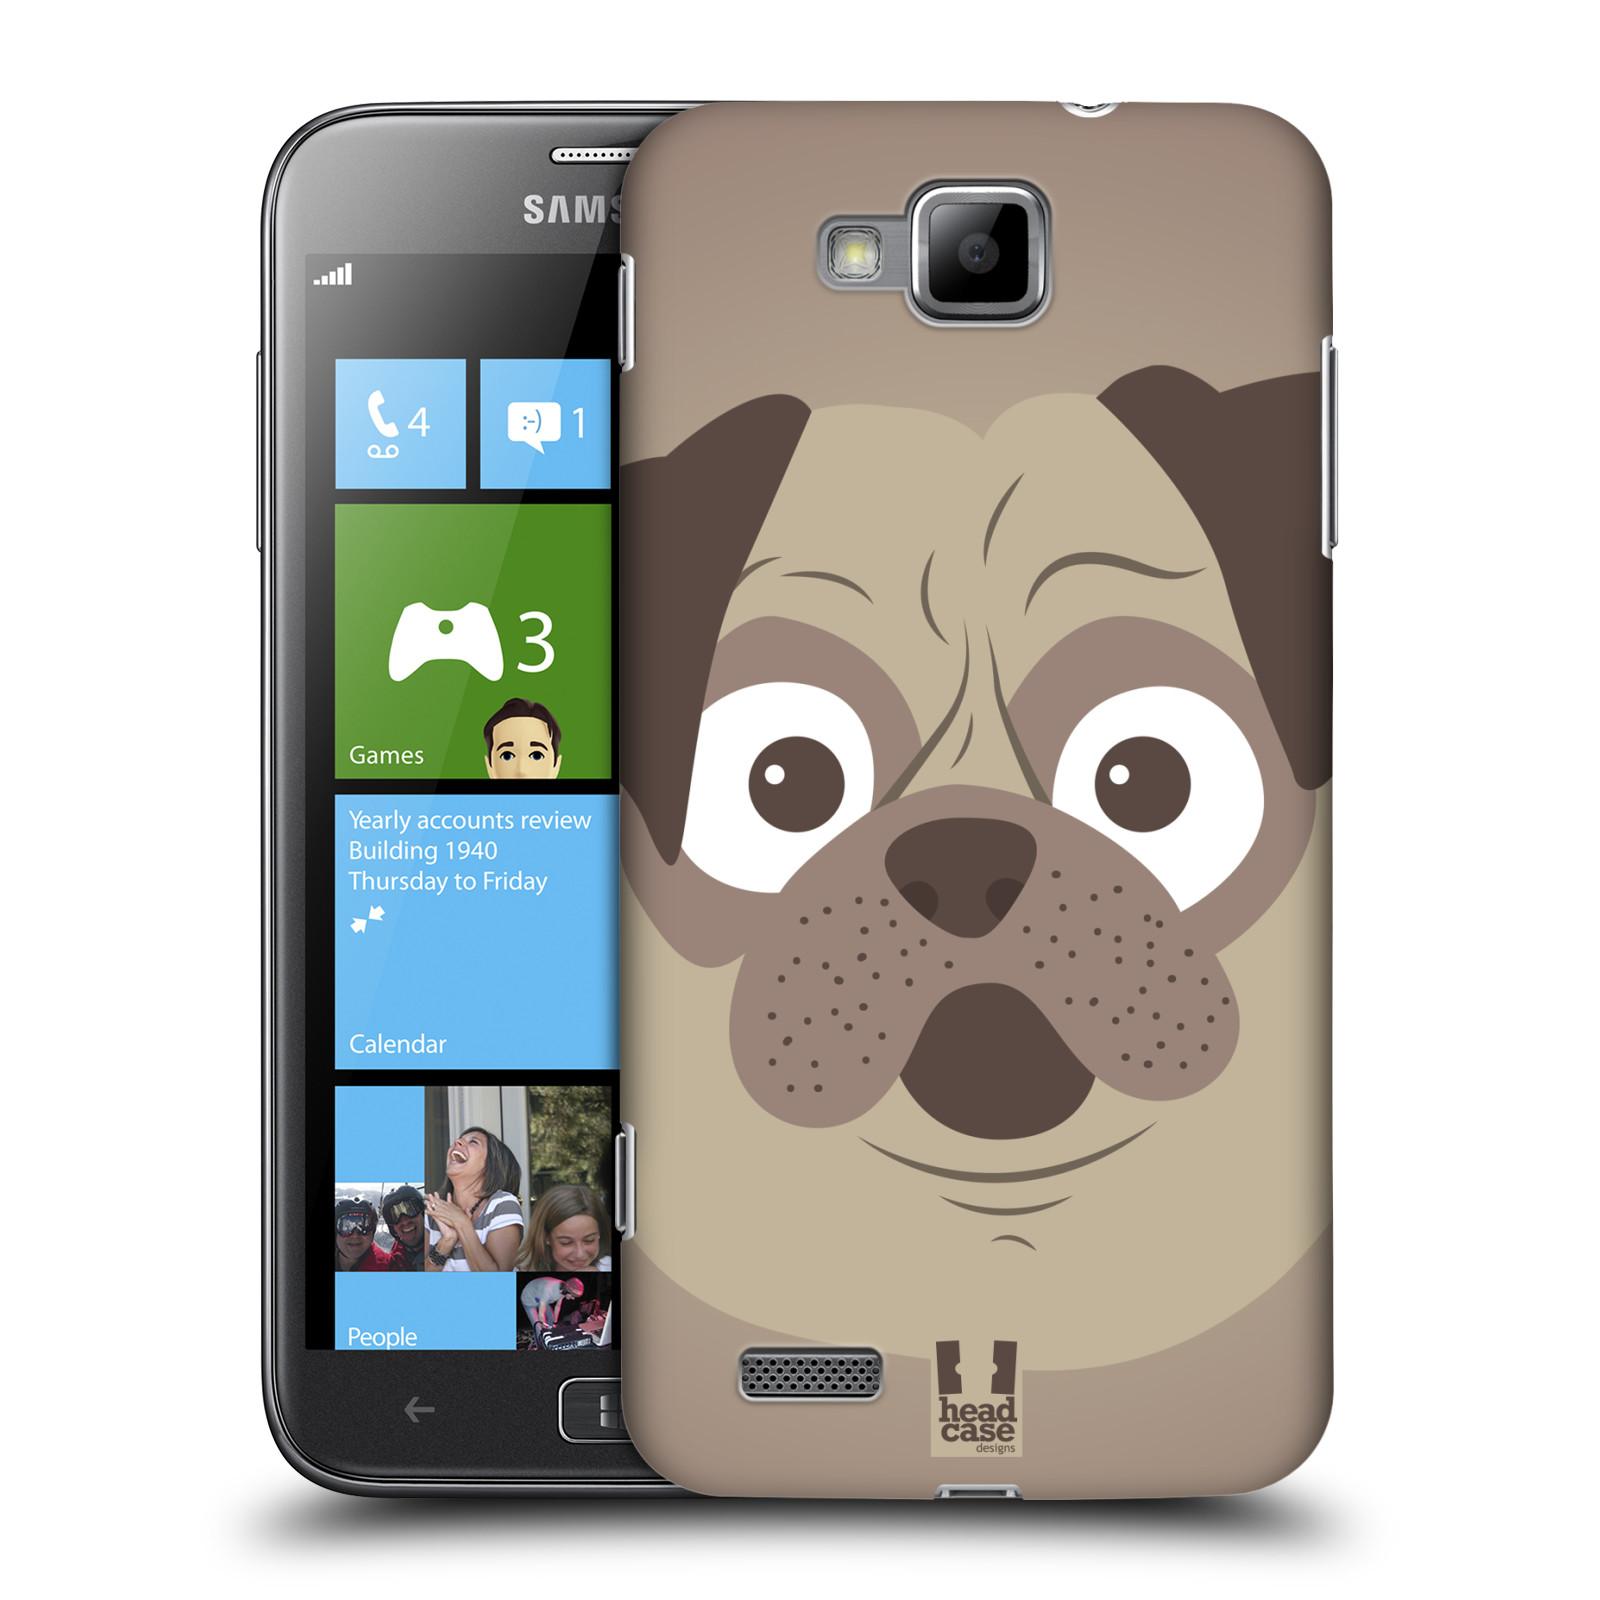 HEAD CASE plastový obal na mobil Samsung ATIV S vzor Cartoon Karikatura barevná kreslená zvířátka pes mopsík